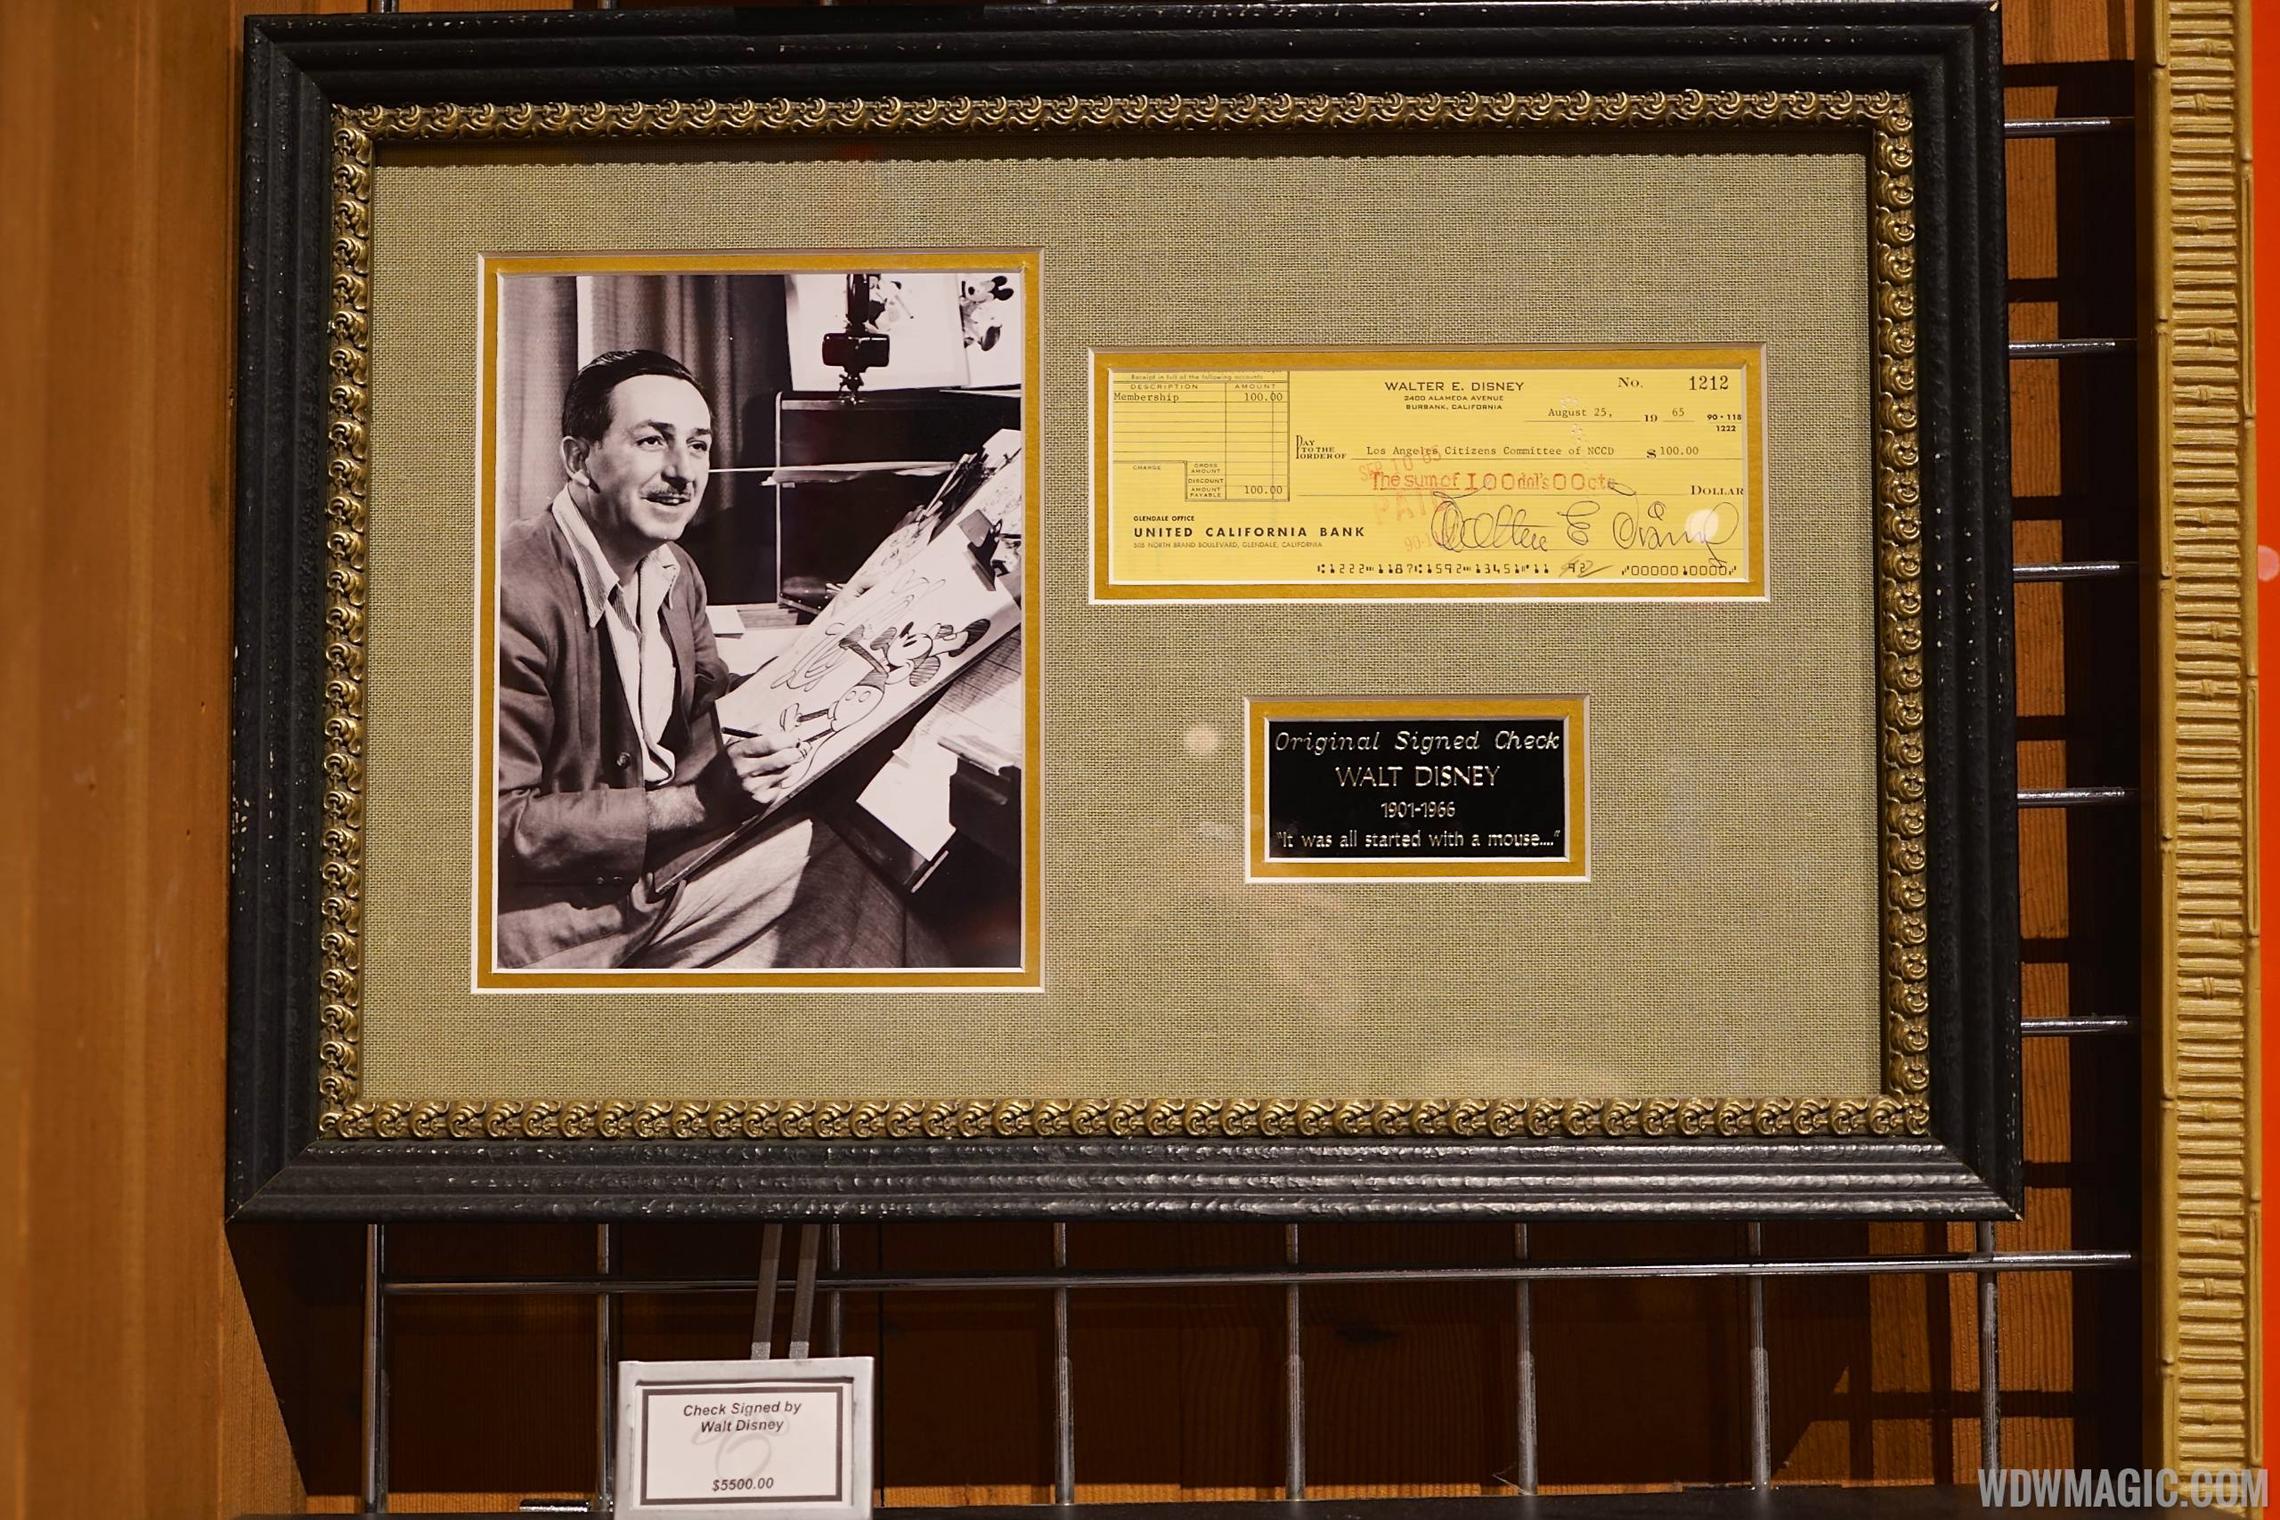 The Showcase Shop - Walt Disney autograph